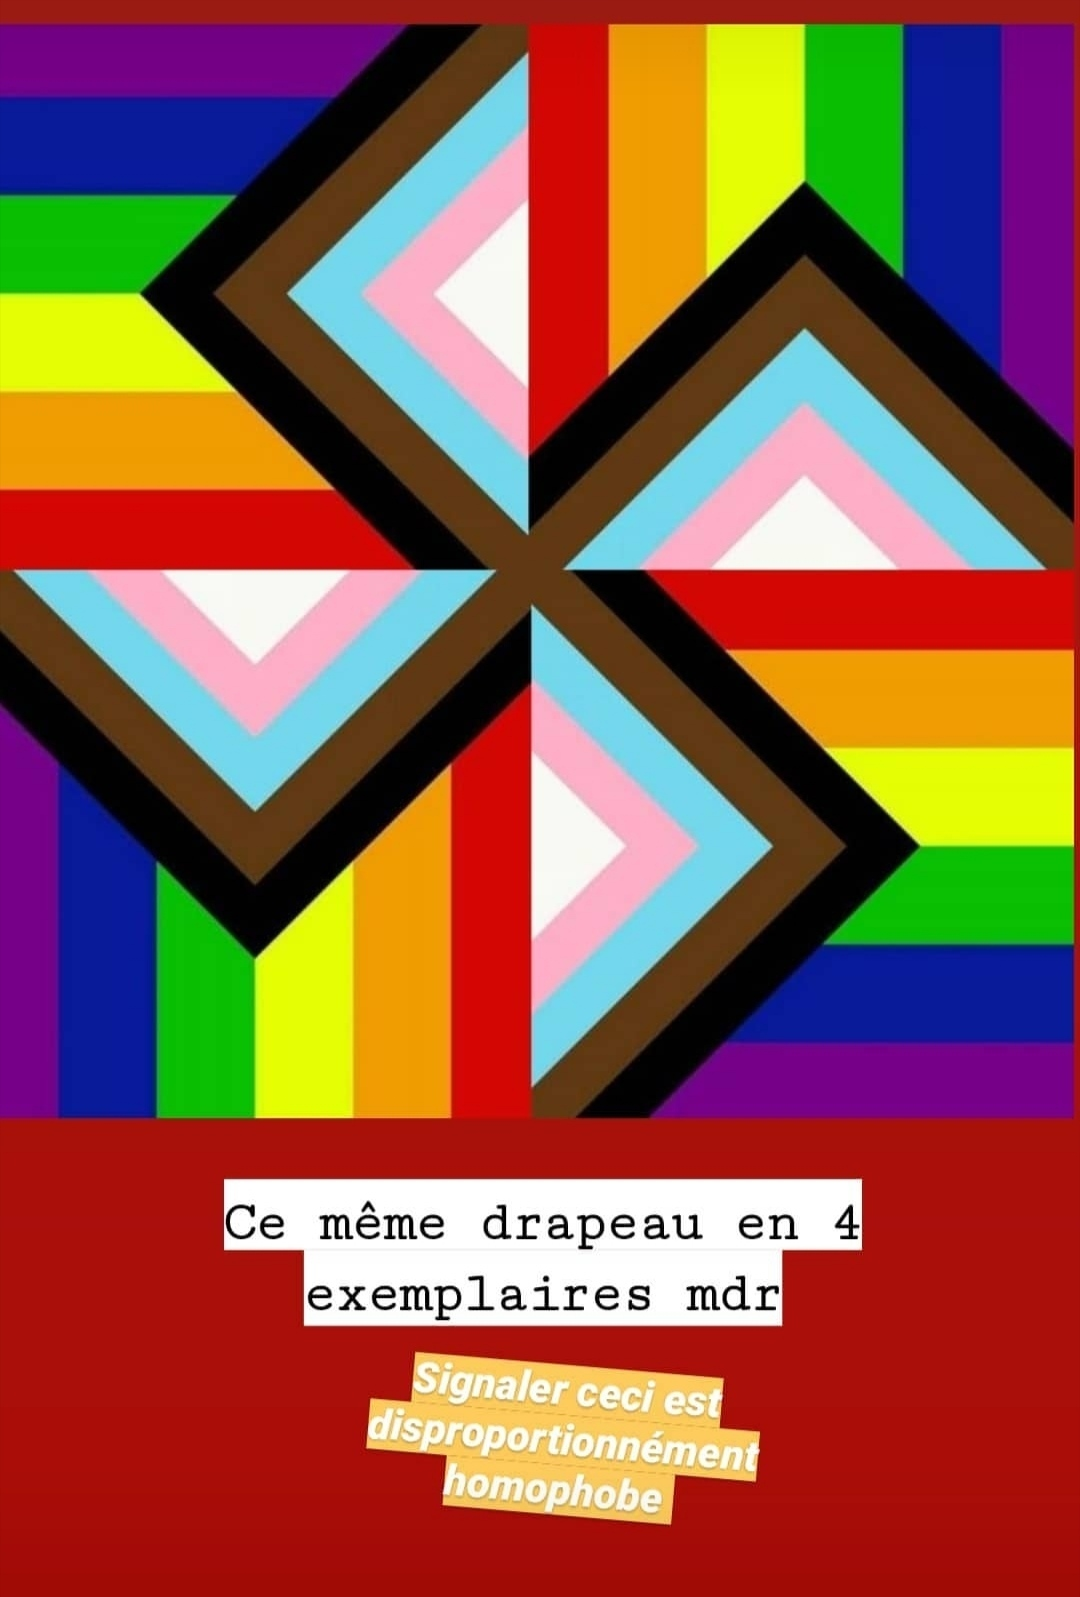 PARTIE 2 : Le Nouveau Drapeau LGBT (CRÉDITS : PsyckoSauce) - meme